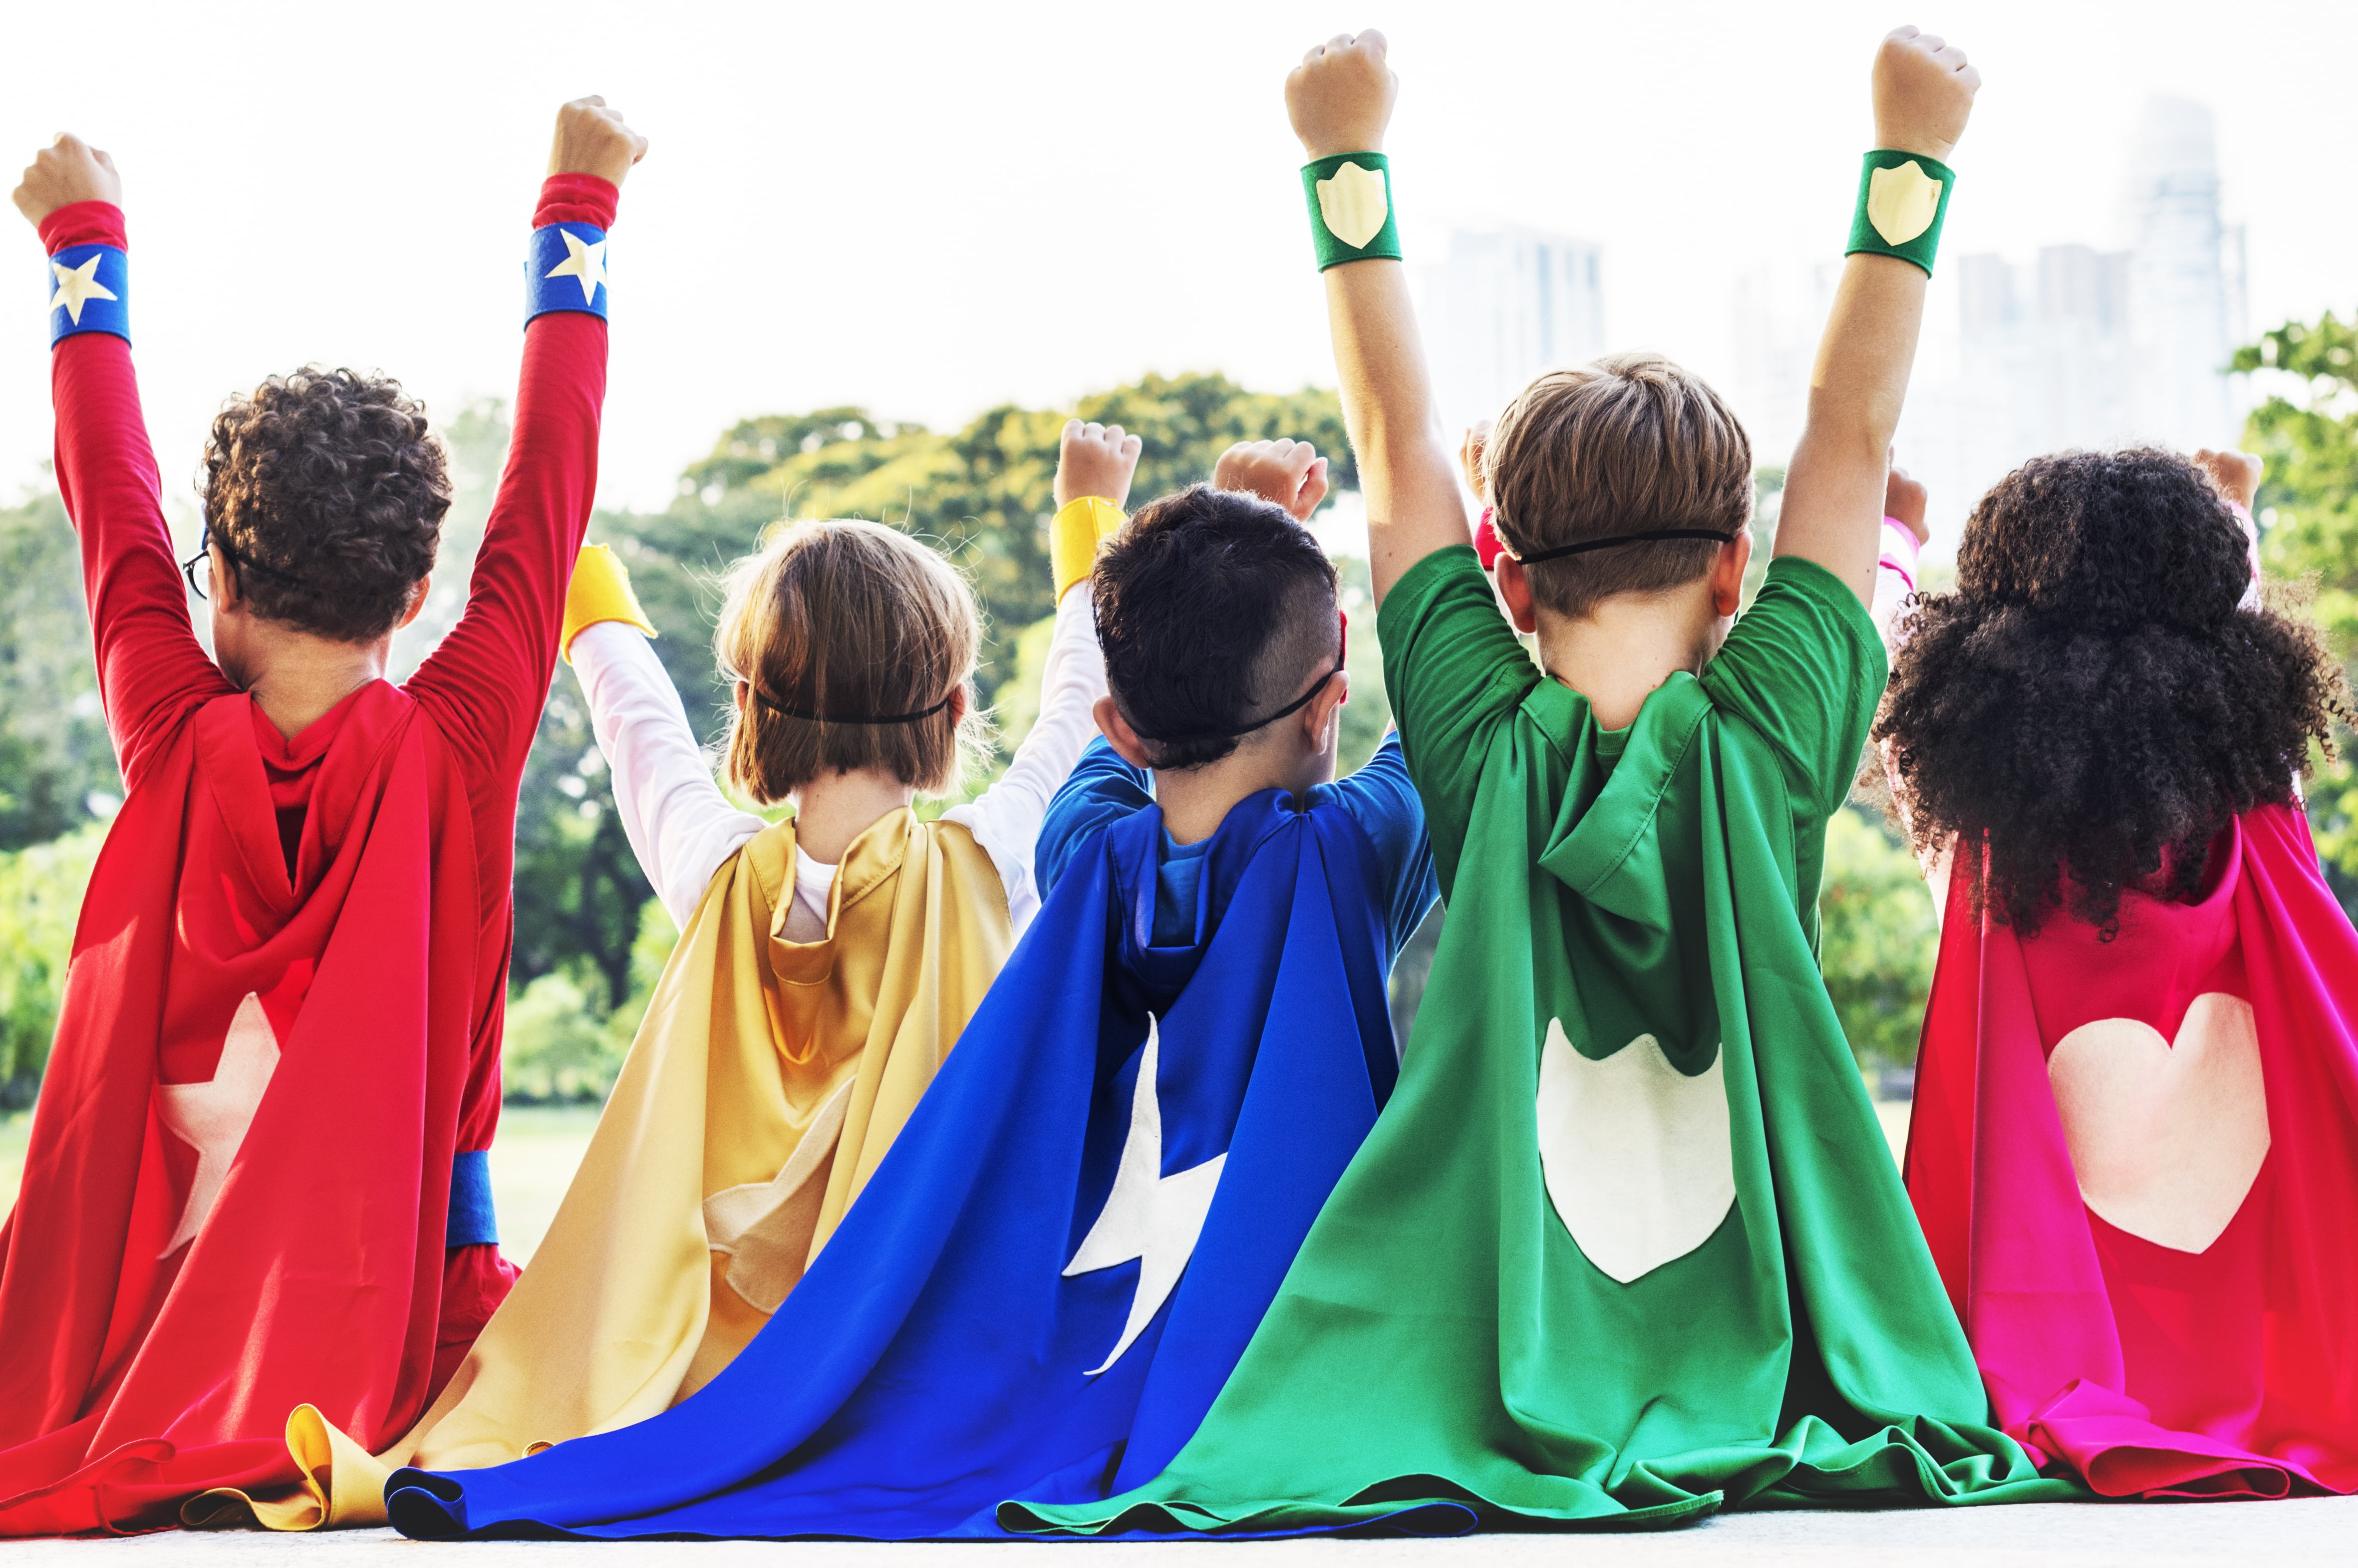 niños superheroes Glut1 Dieta Cetogénica asGLUTdiece